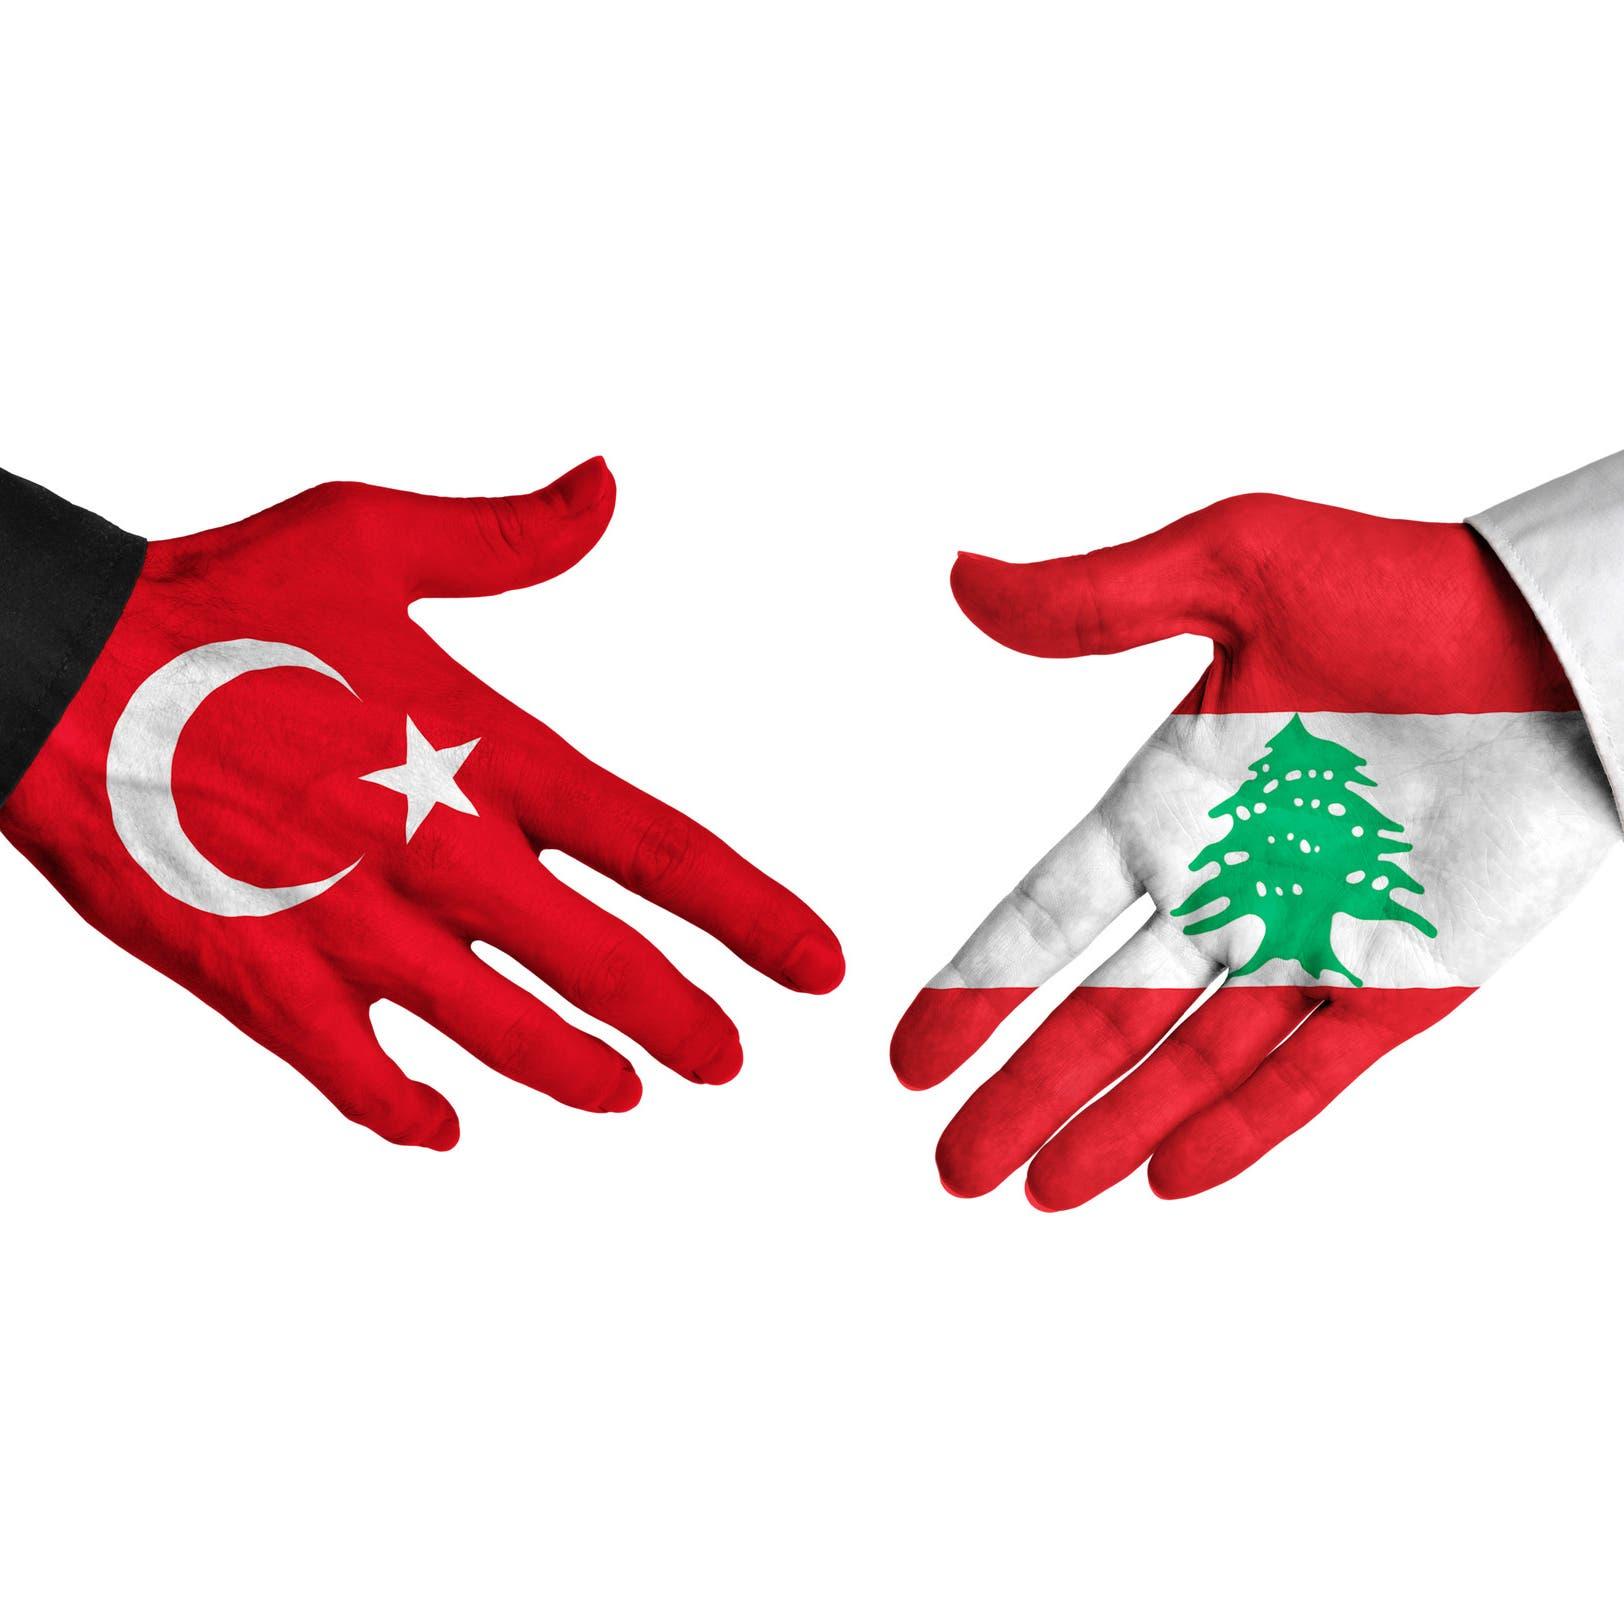 إرهاب دولة وهذيان.. بيروت لأنقرة: ما هكذا يخاطب رئيس لبنان!